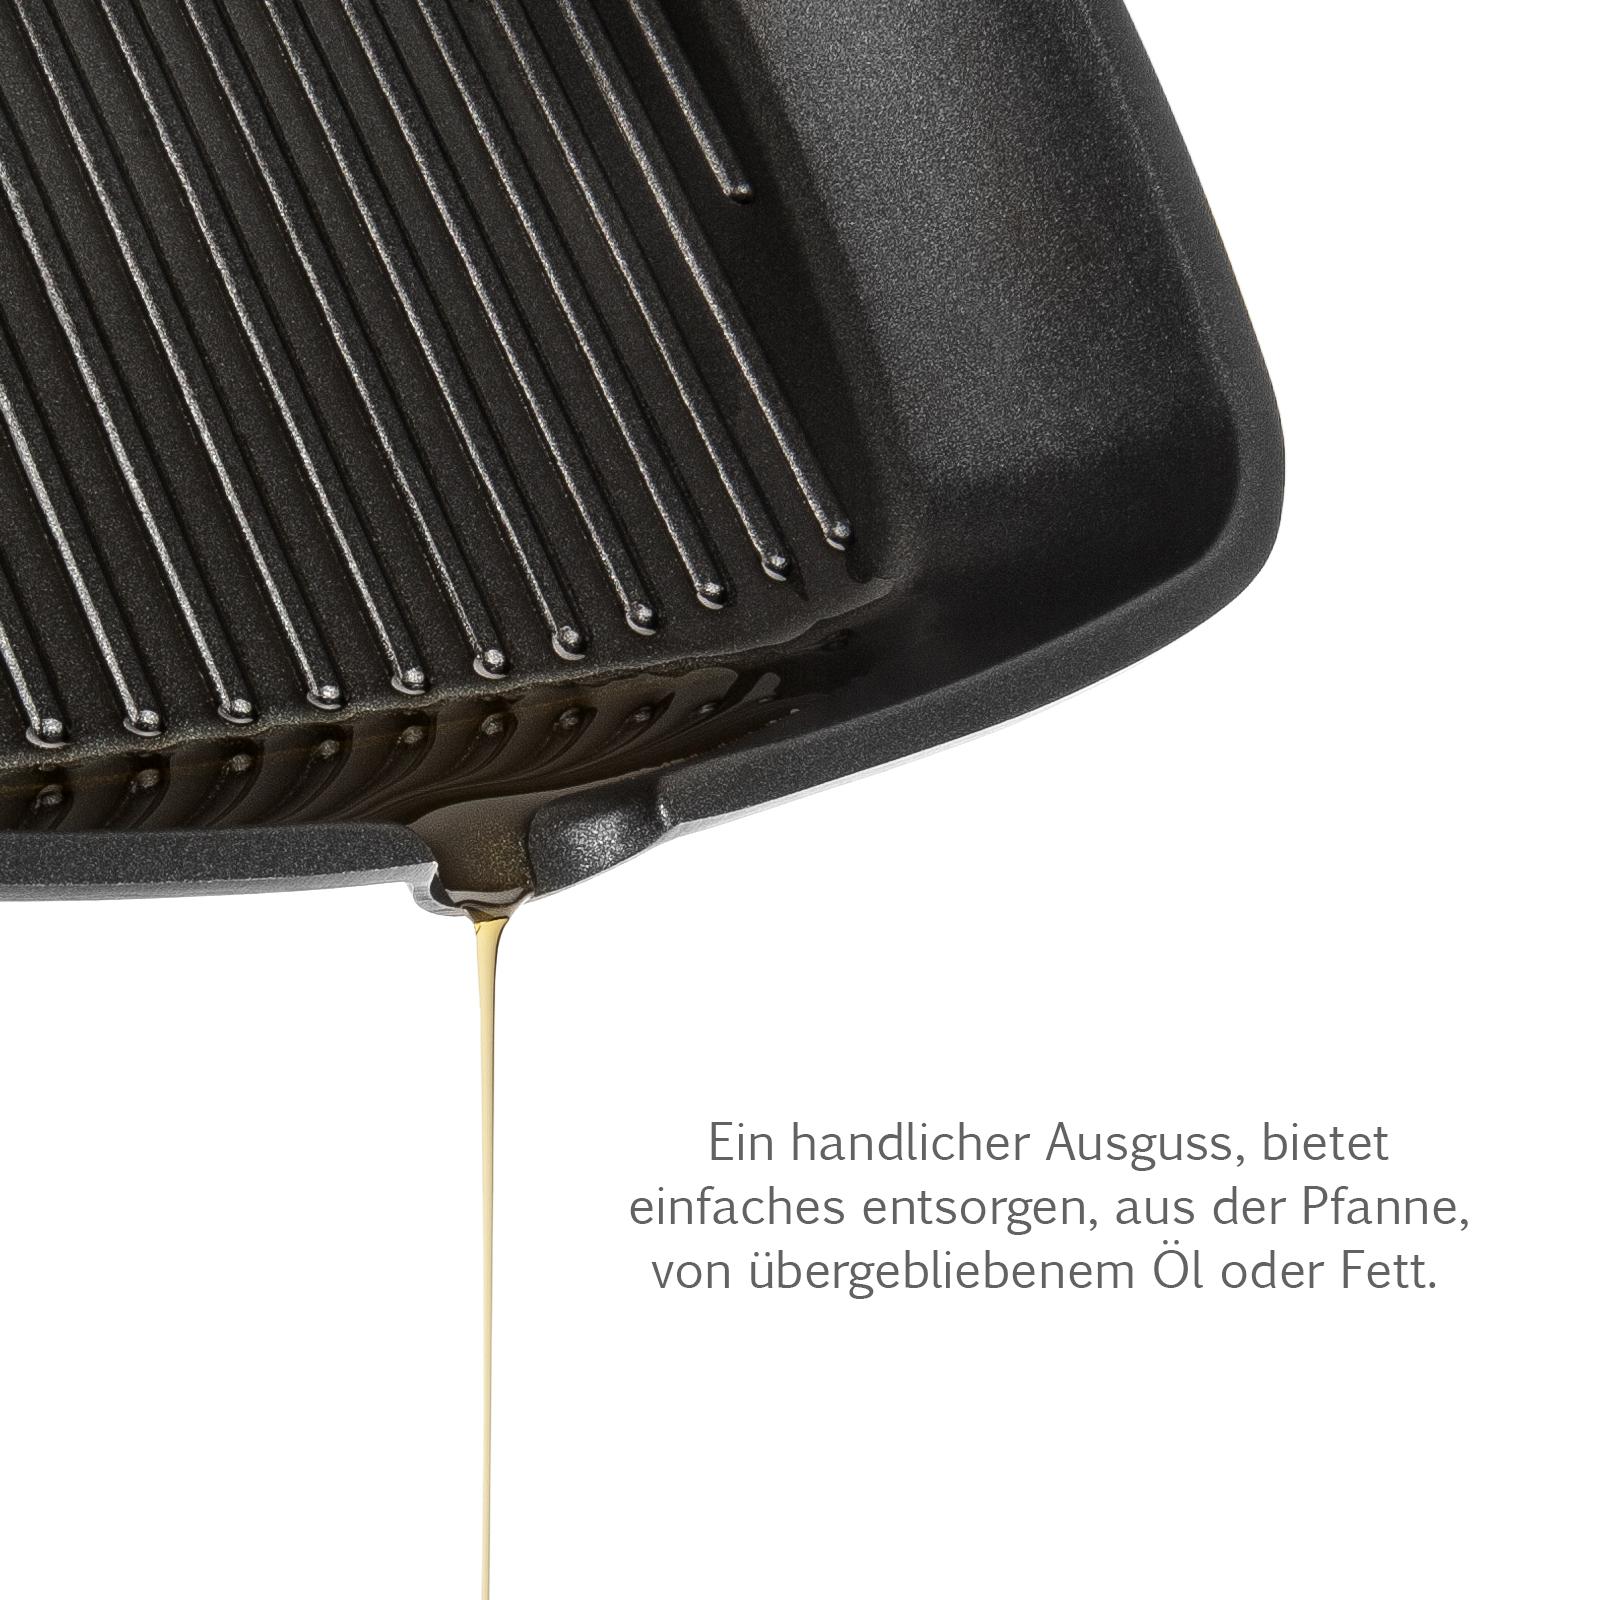 savisto 28cm gas induktion elektrische aluminium antihaft gusseisen grill pfanne ebay. Black Bedroom Furniture Sets. Home Design Ideas